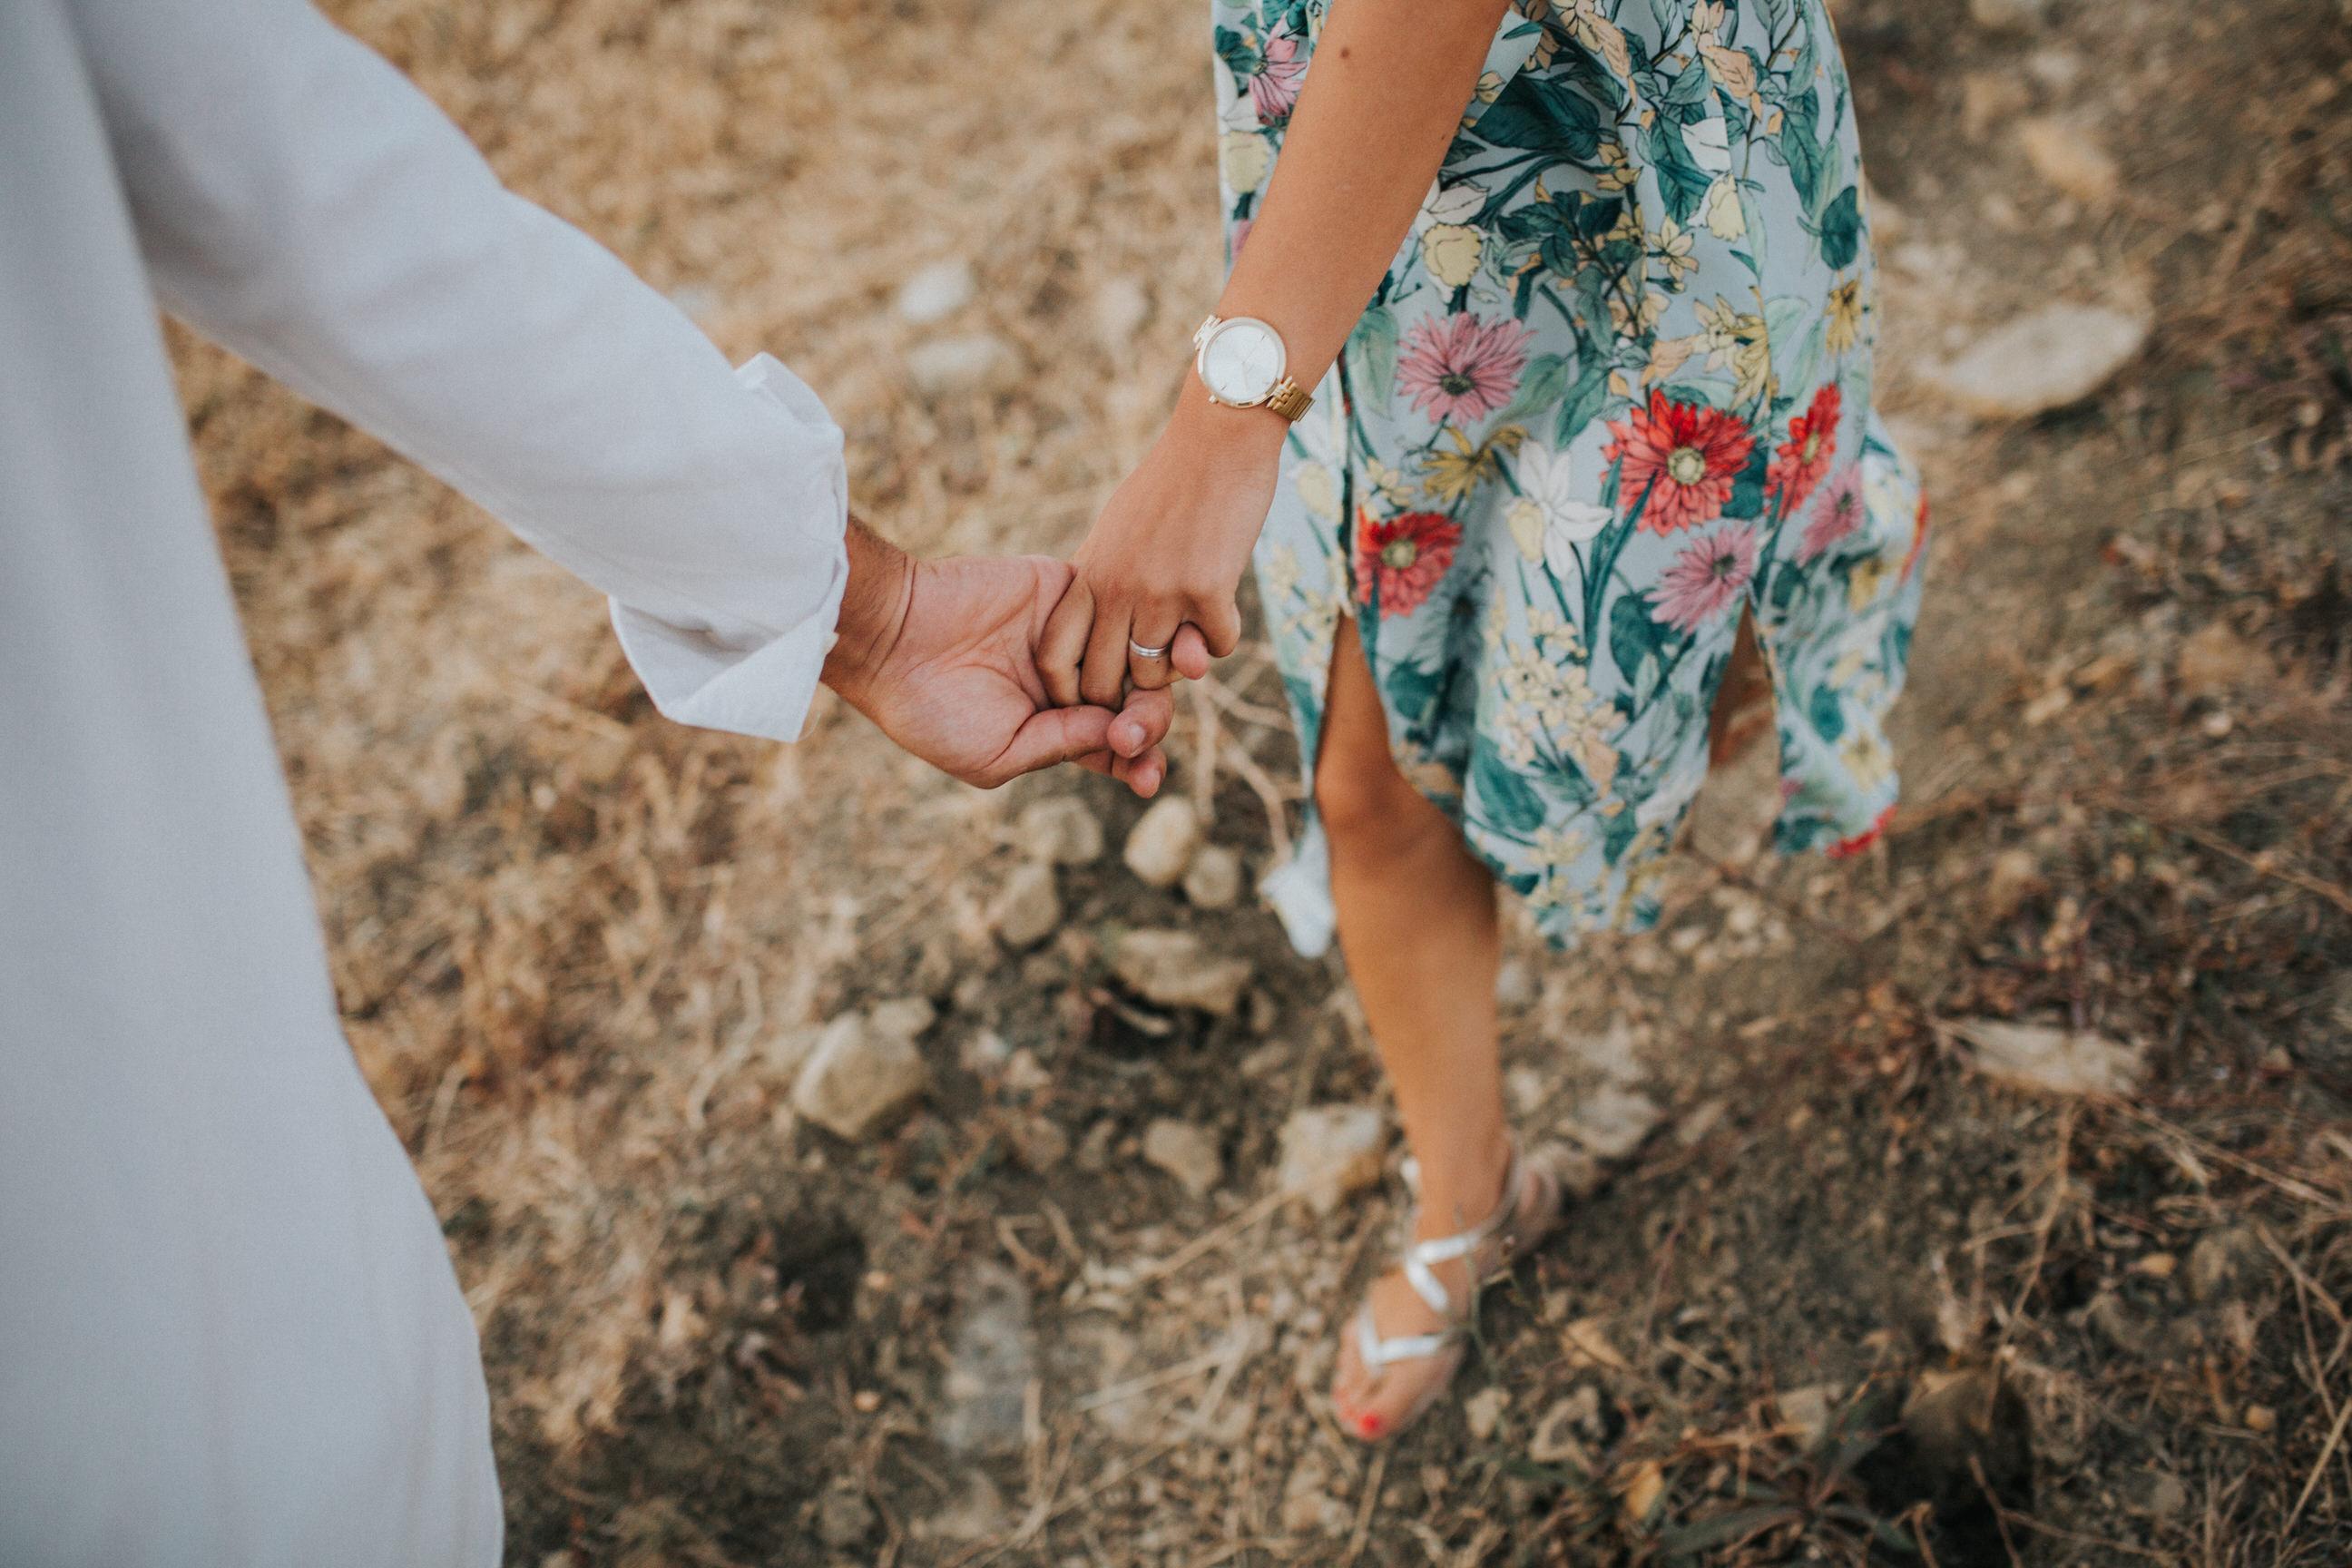 31 Cristiana&André-engagement-love-session-solteiros-noivado-foto-natural-Filipe-Santiago-Fotografia-Lisboa-Sintra-Mafra-Malveira-Torres-Vedras-Fotografos-campo